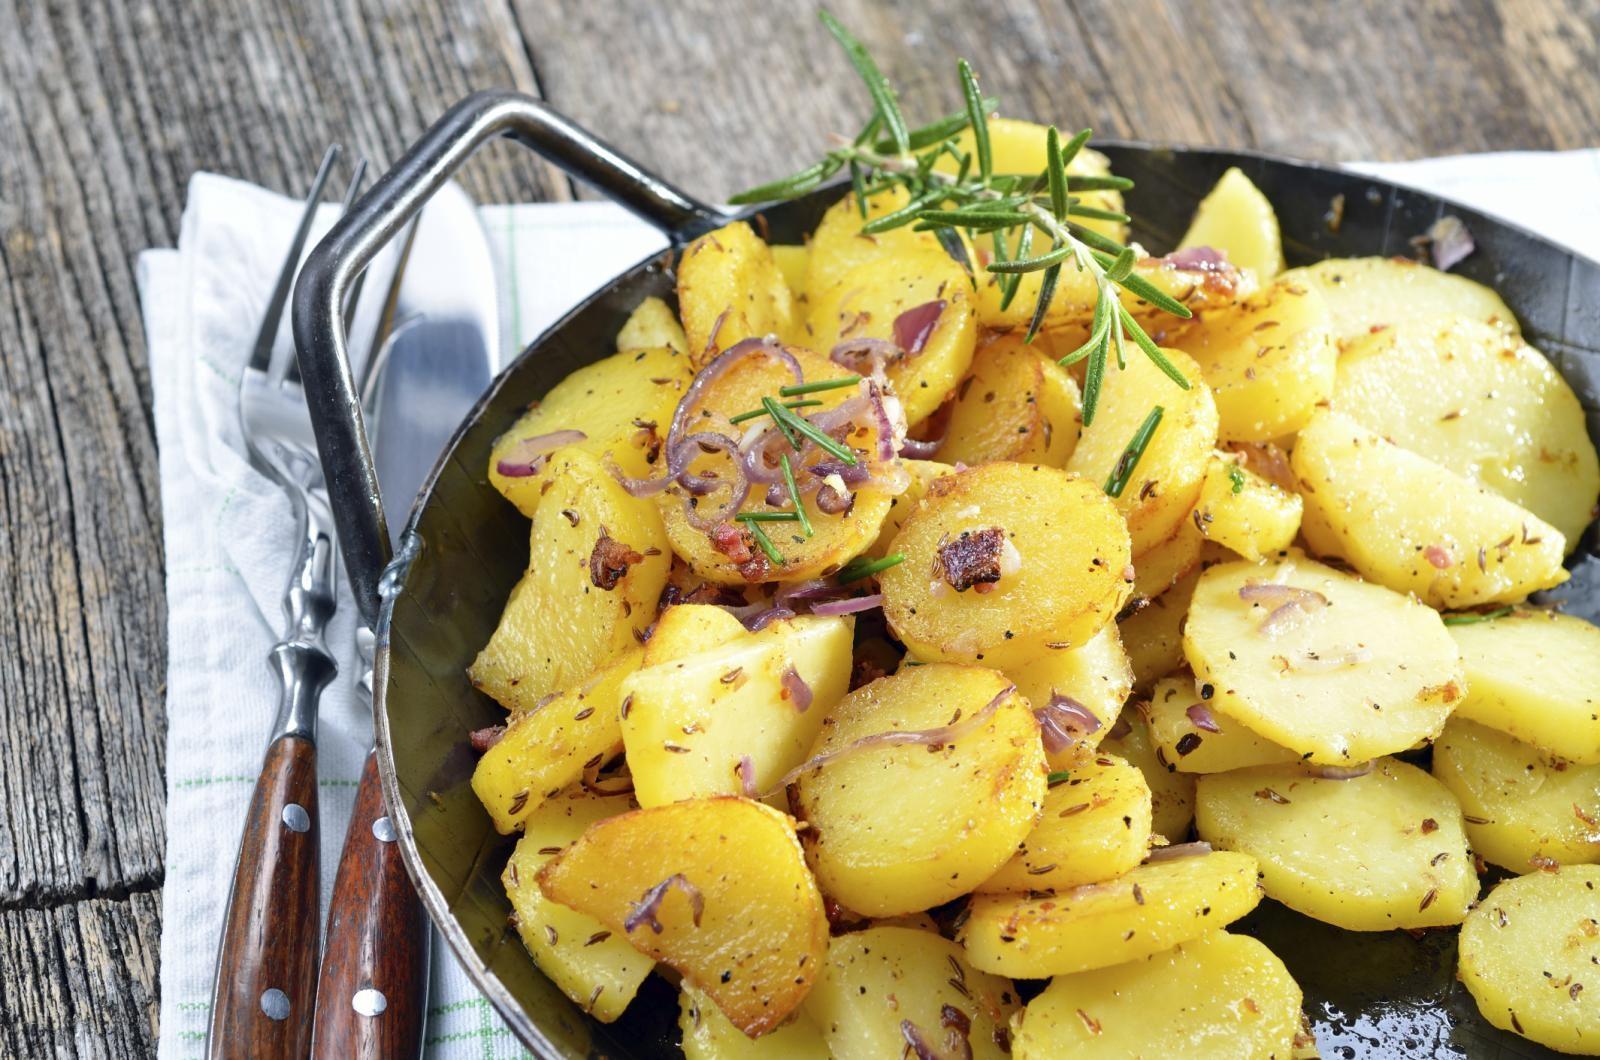 Ученые Частое употребление картофеля может привести к развитию сахарного диабета